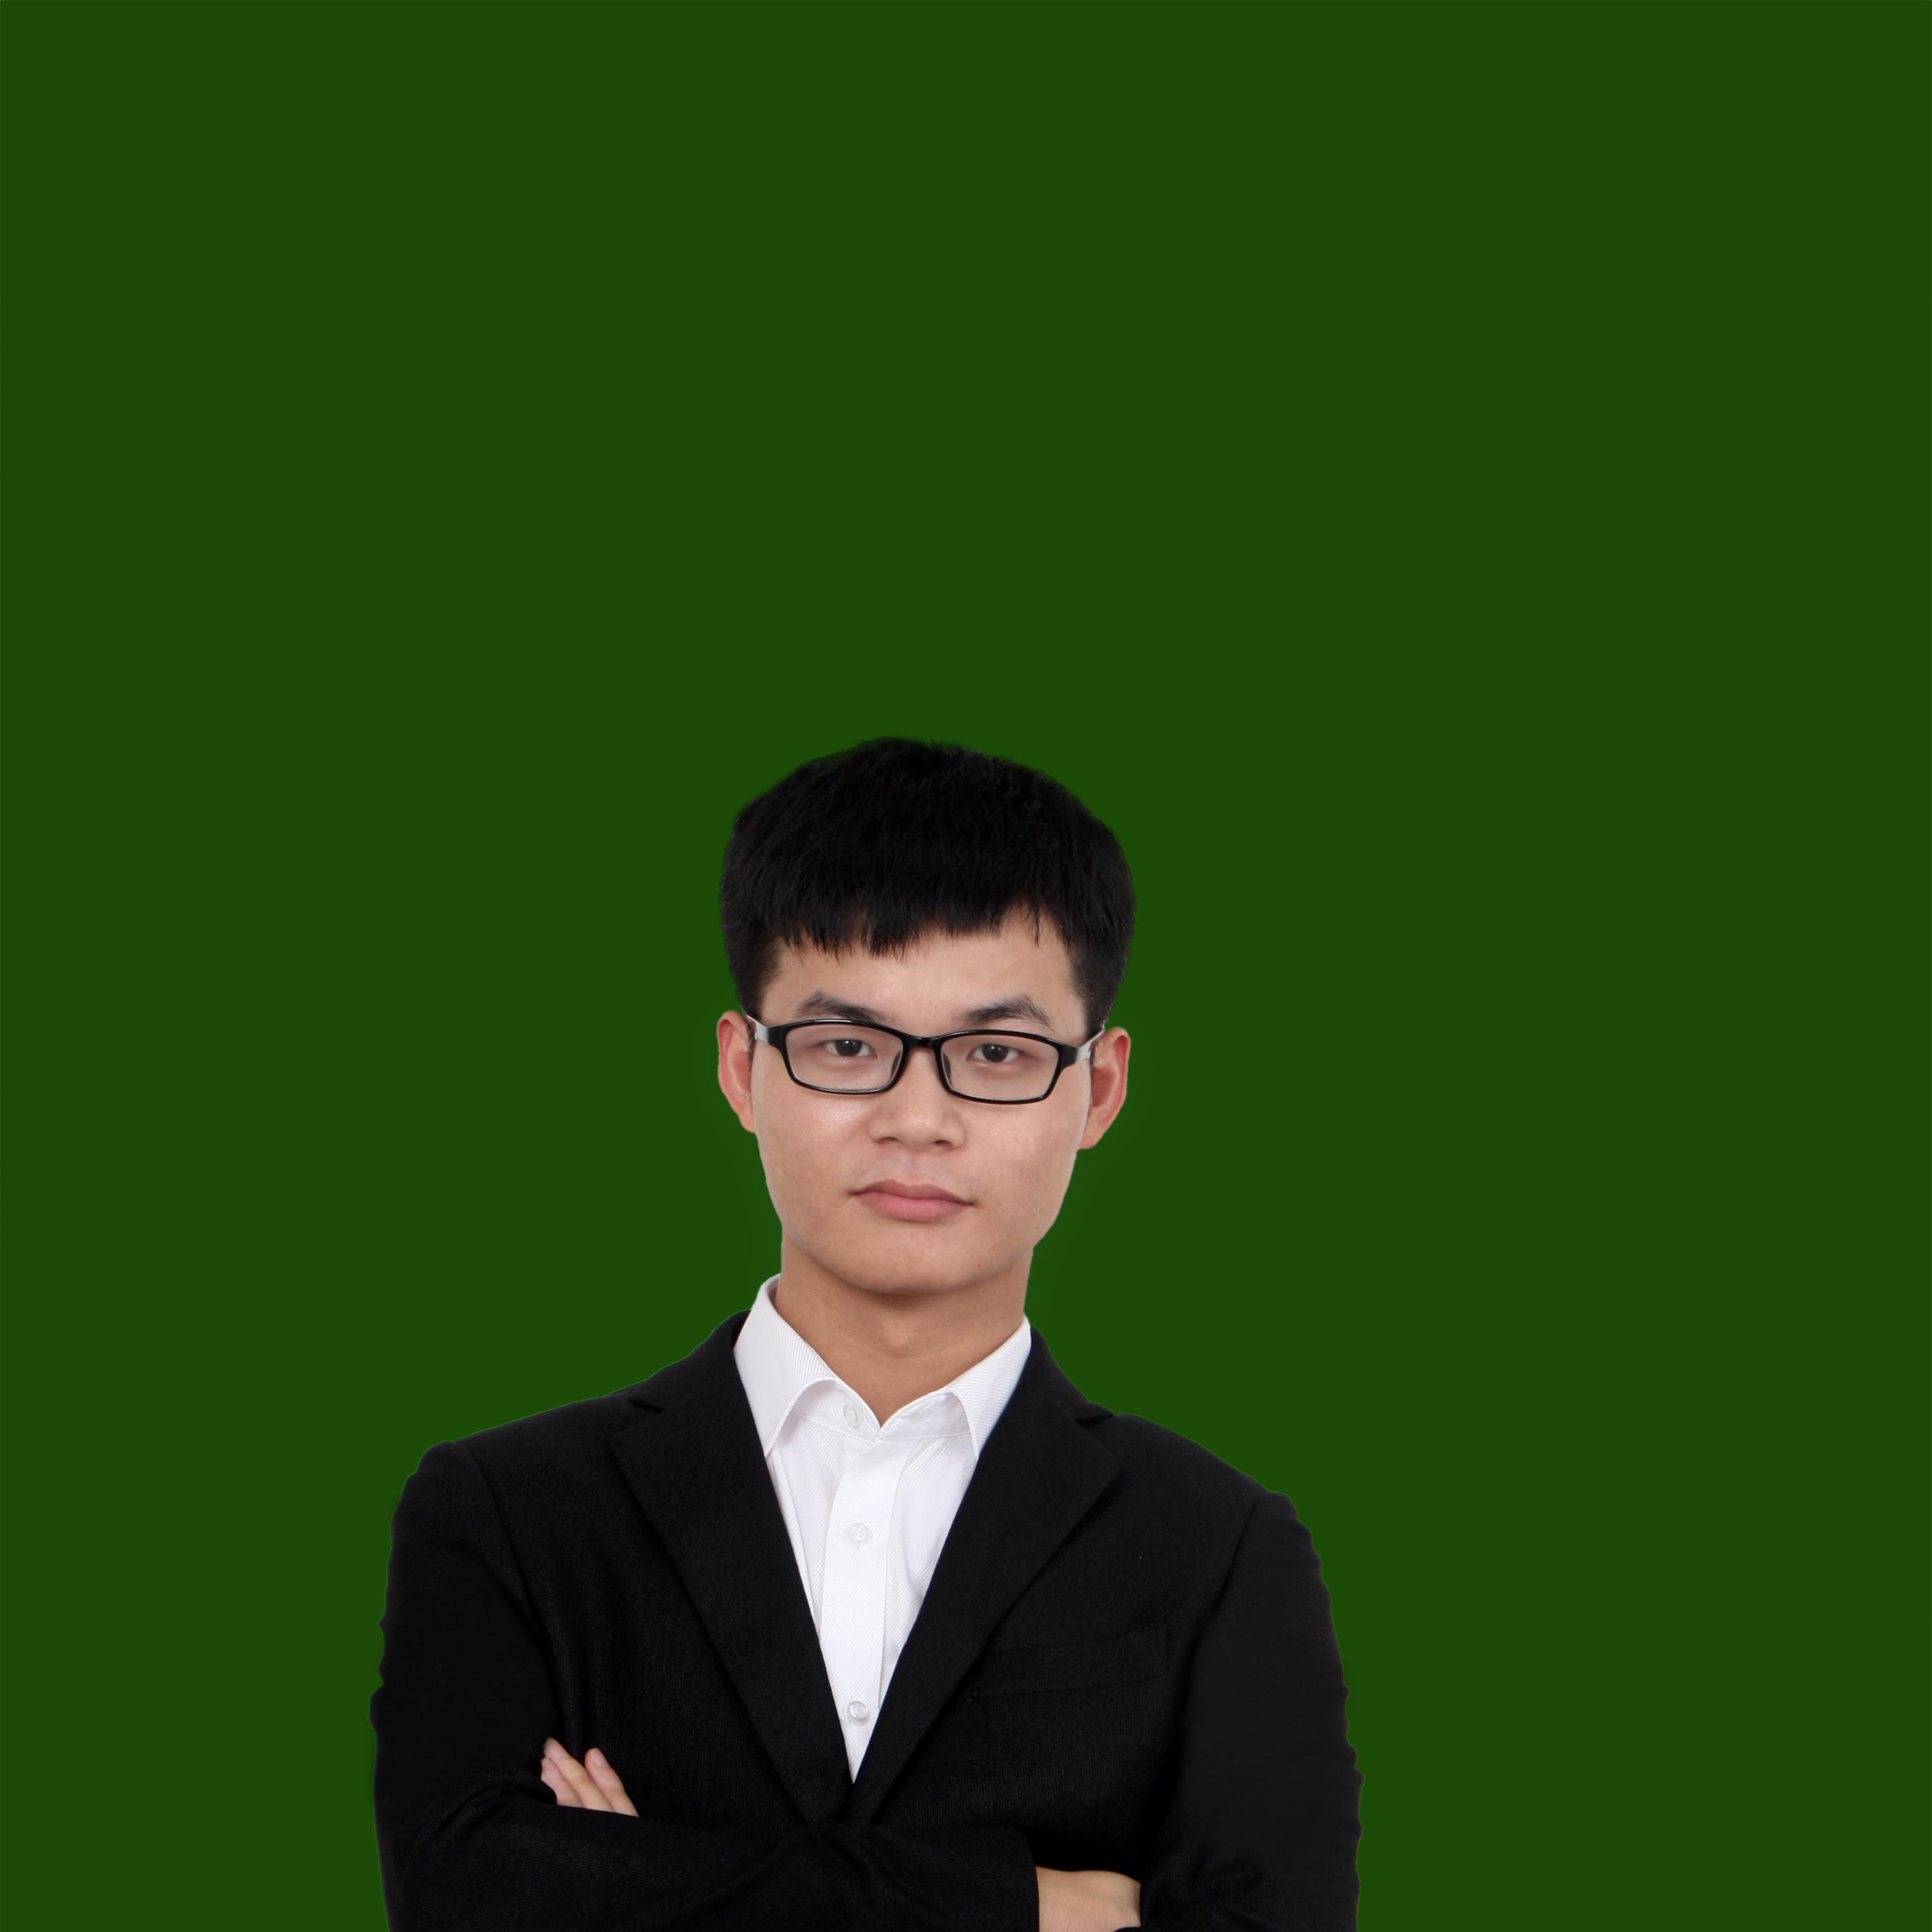 上海家教吴老师